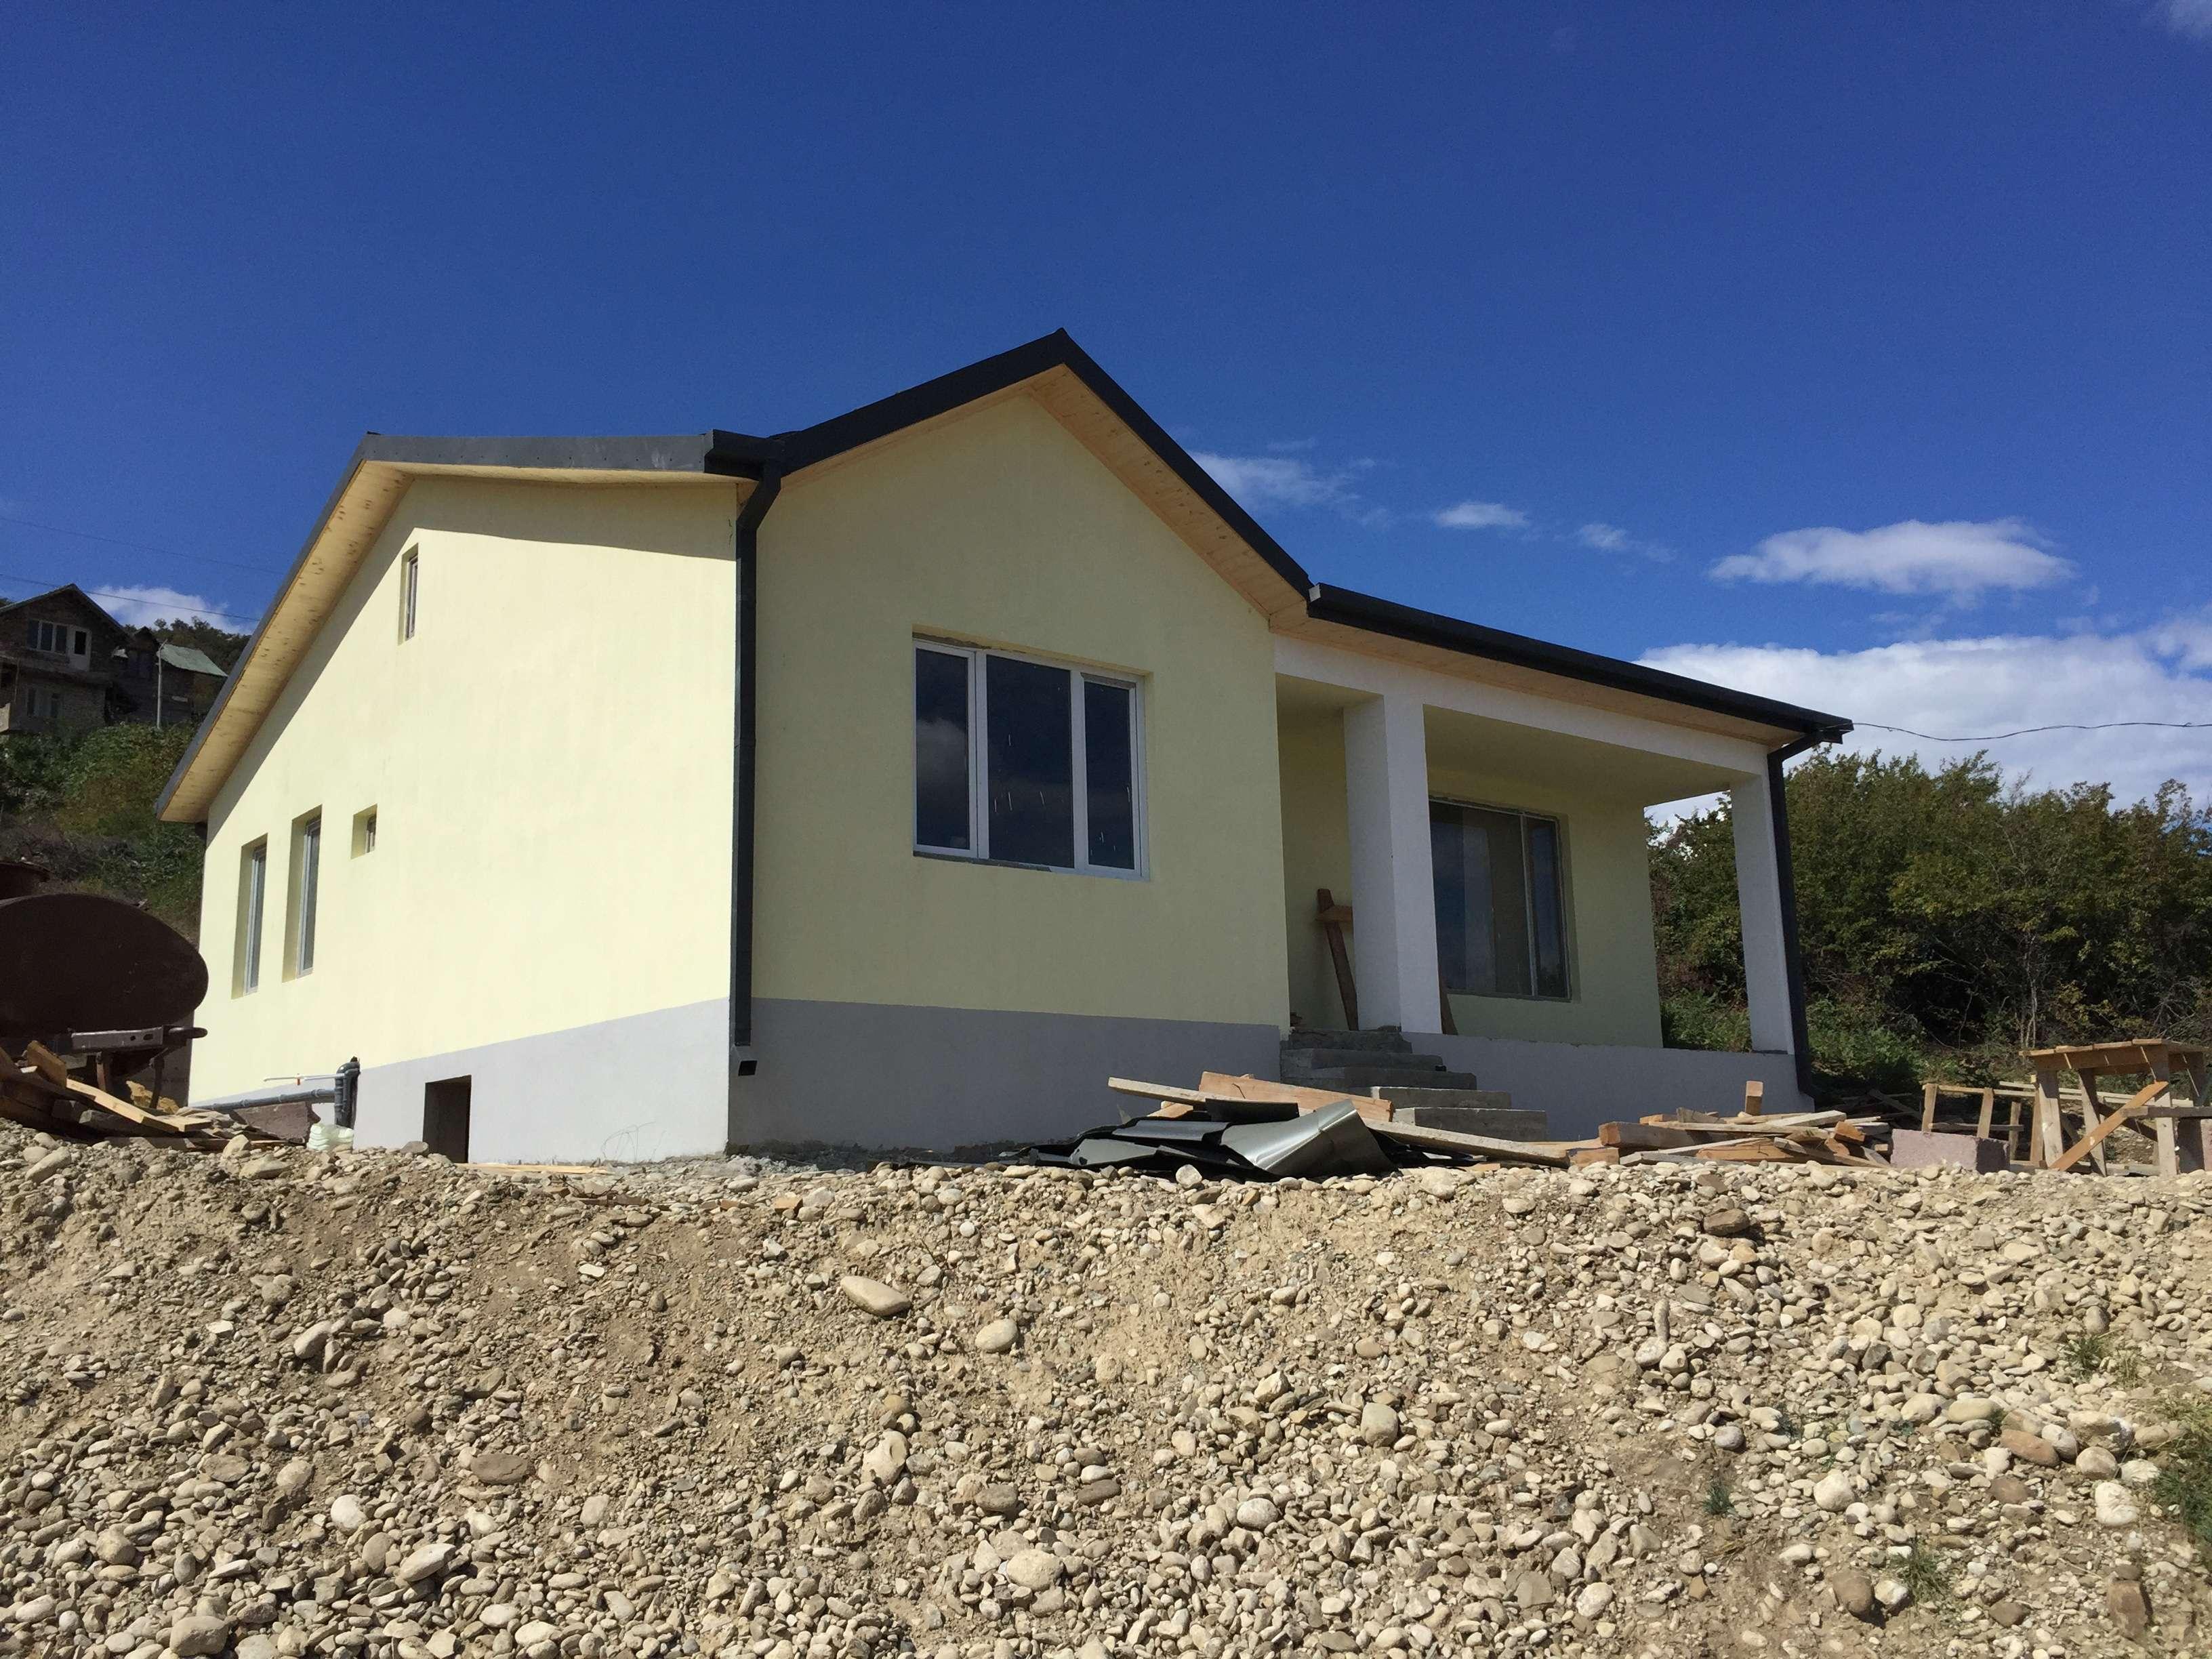 კერძო სახლების მშენებლობა ხარისხის გარანტით